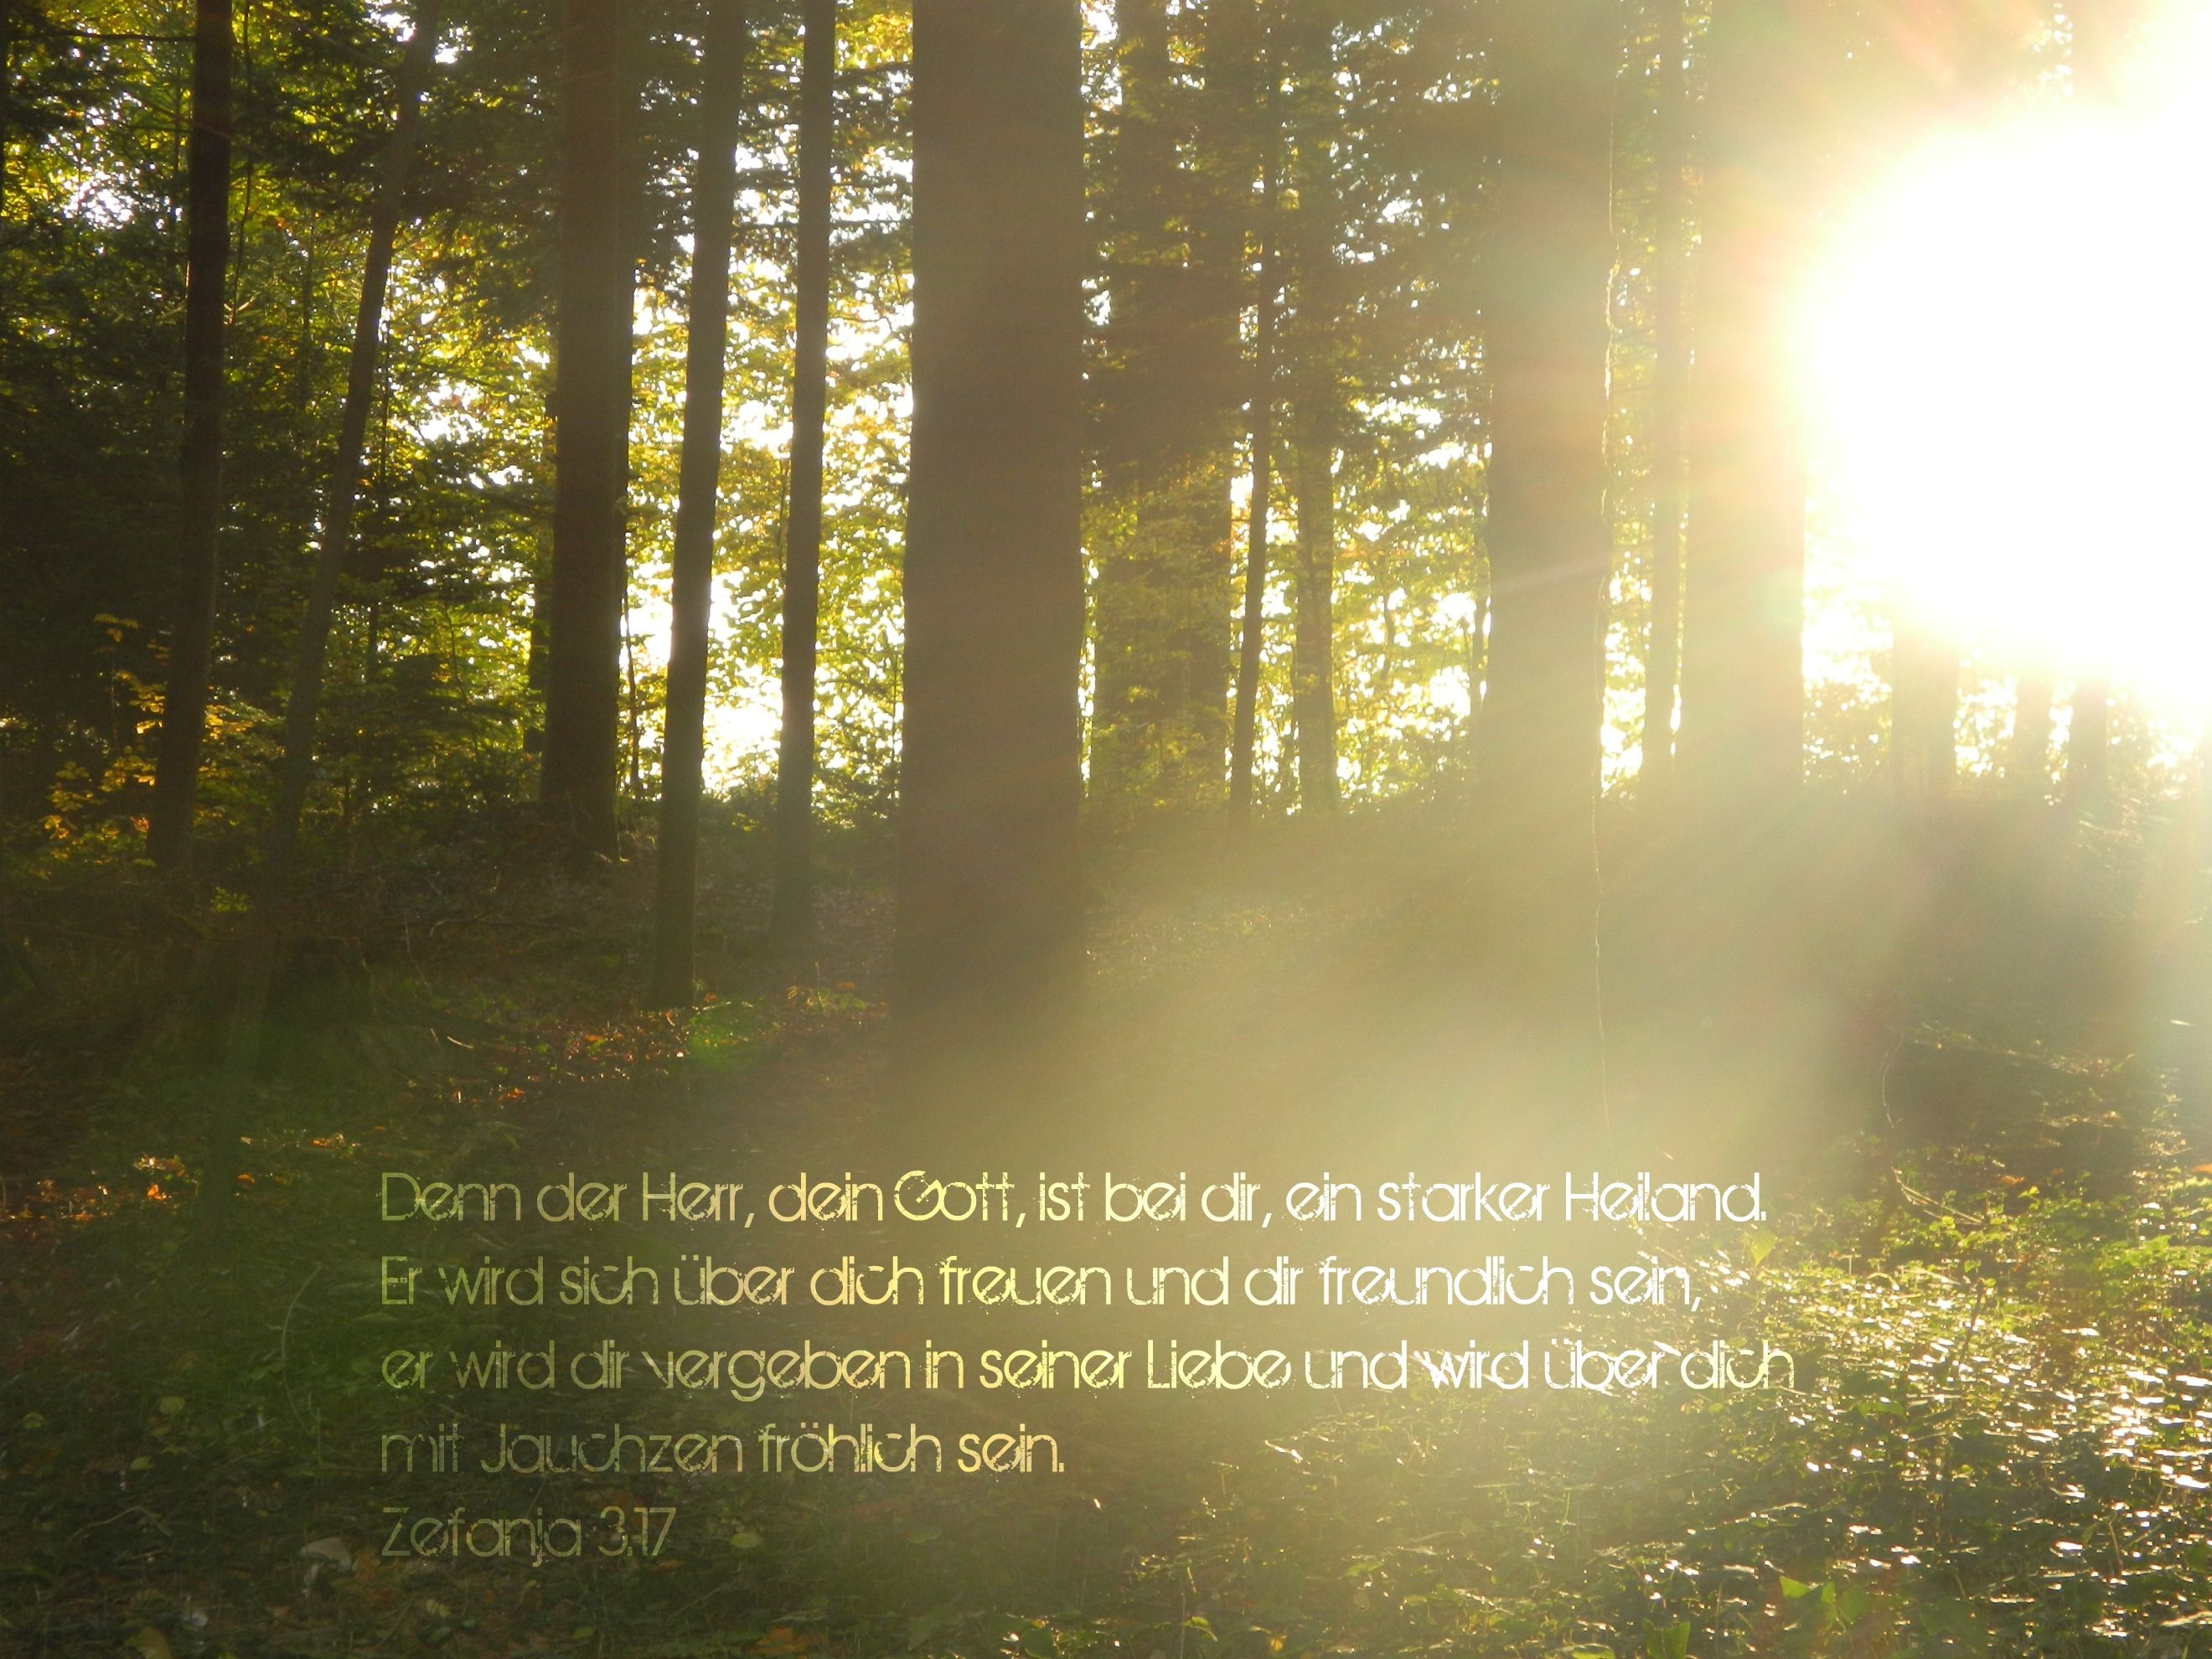 Zefanja 3,17